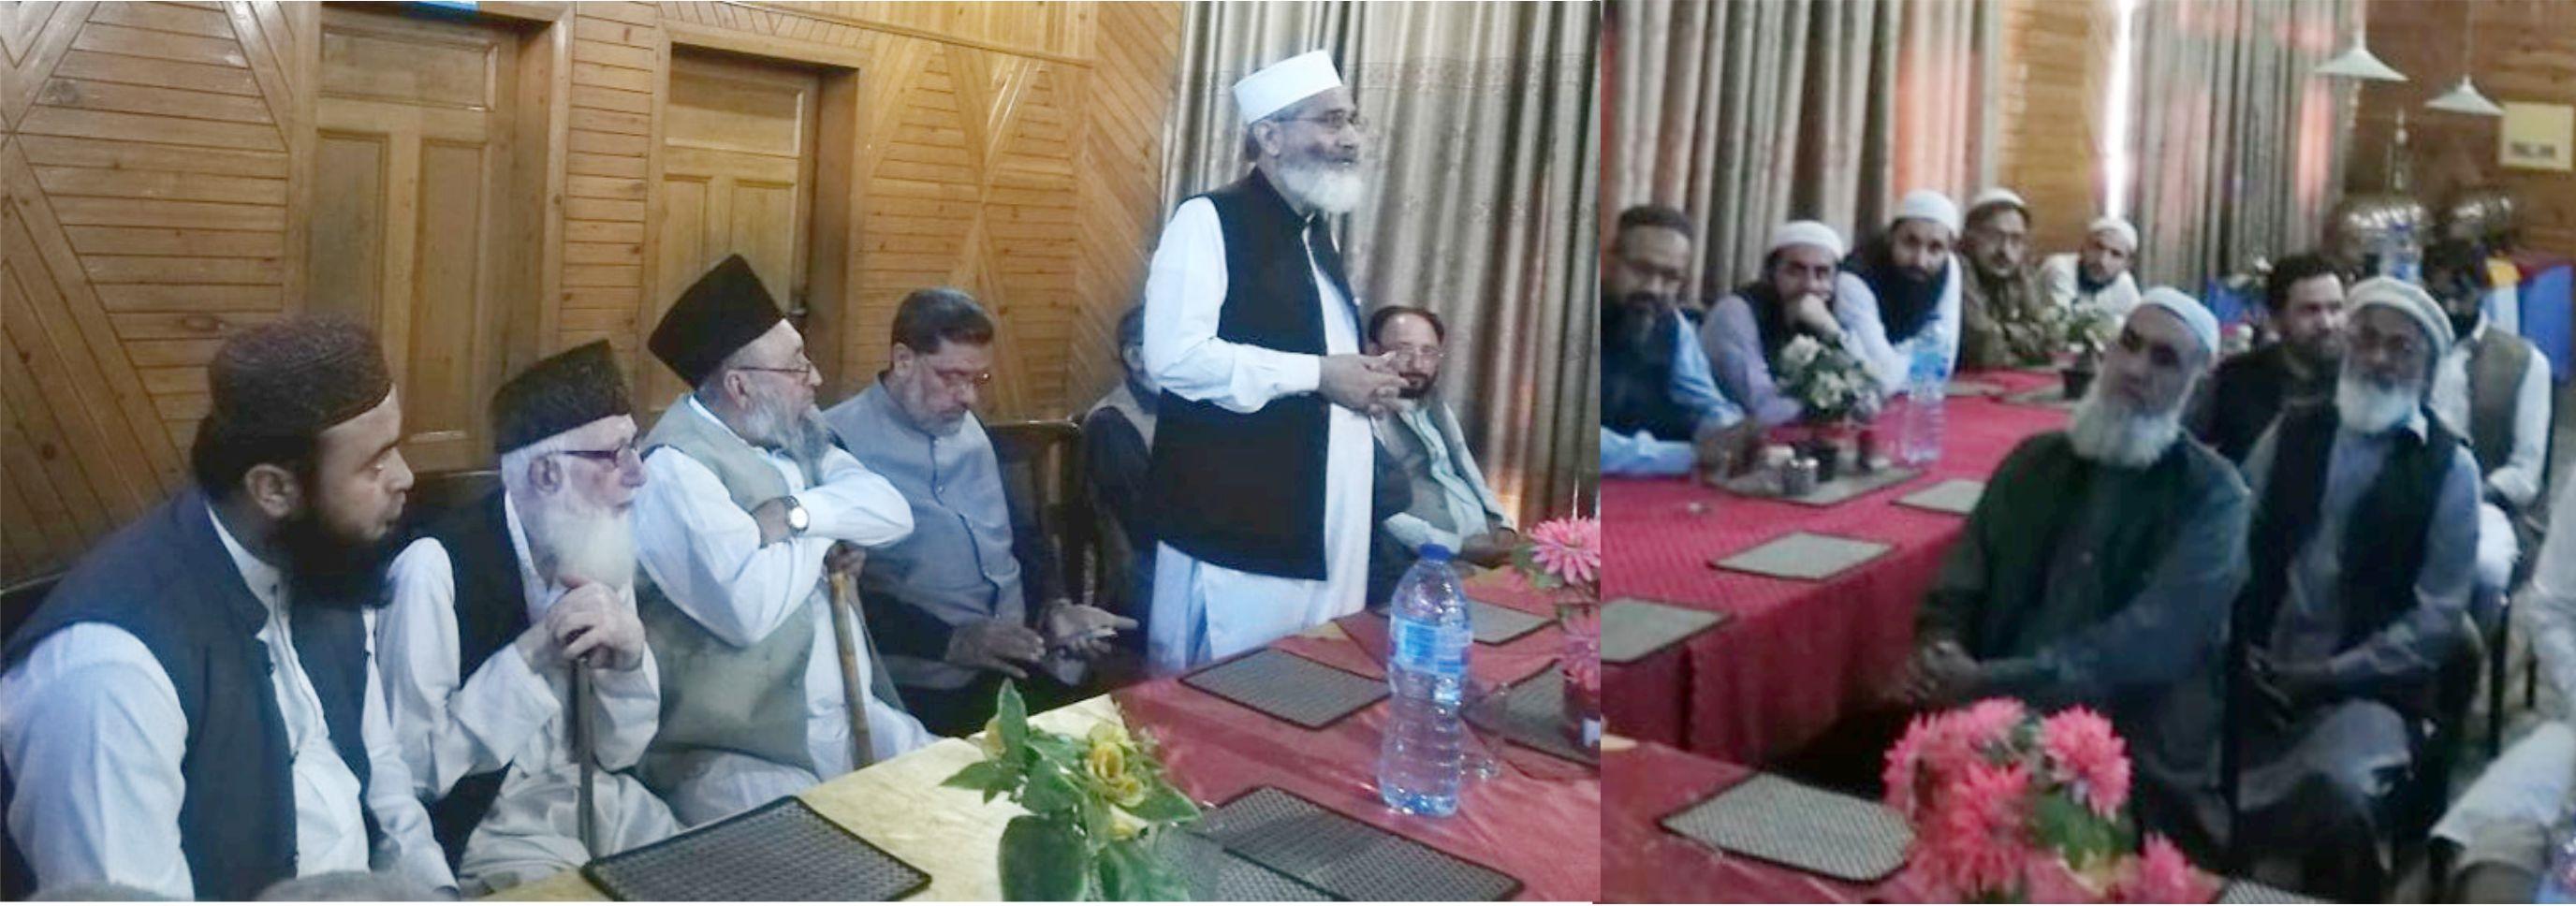 کشمیر تقریر سے نہیں، جہاد سے آزاد ہوگا، جماعت اسلامی کے رہنماوں کا گلگت میں علما سے خطاب